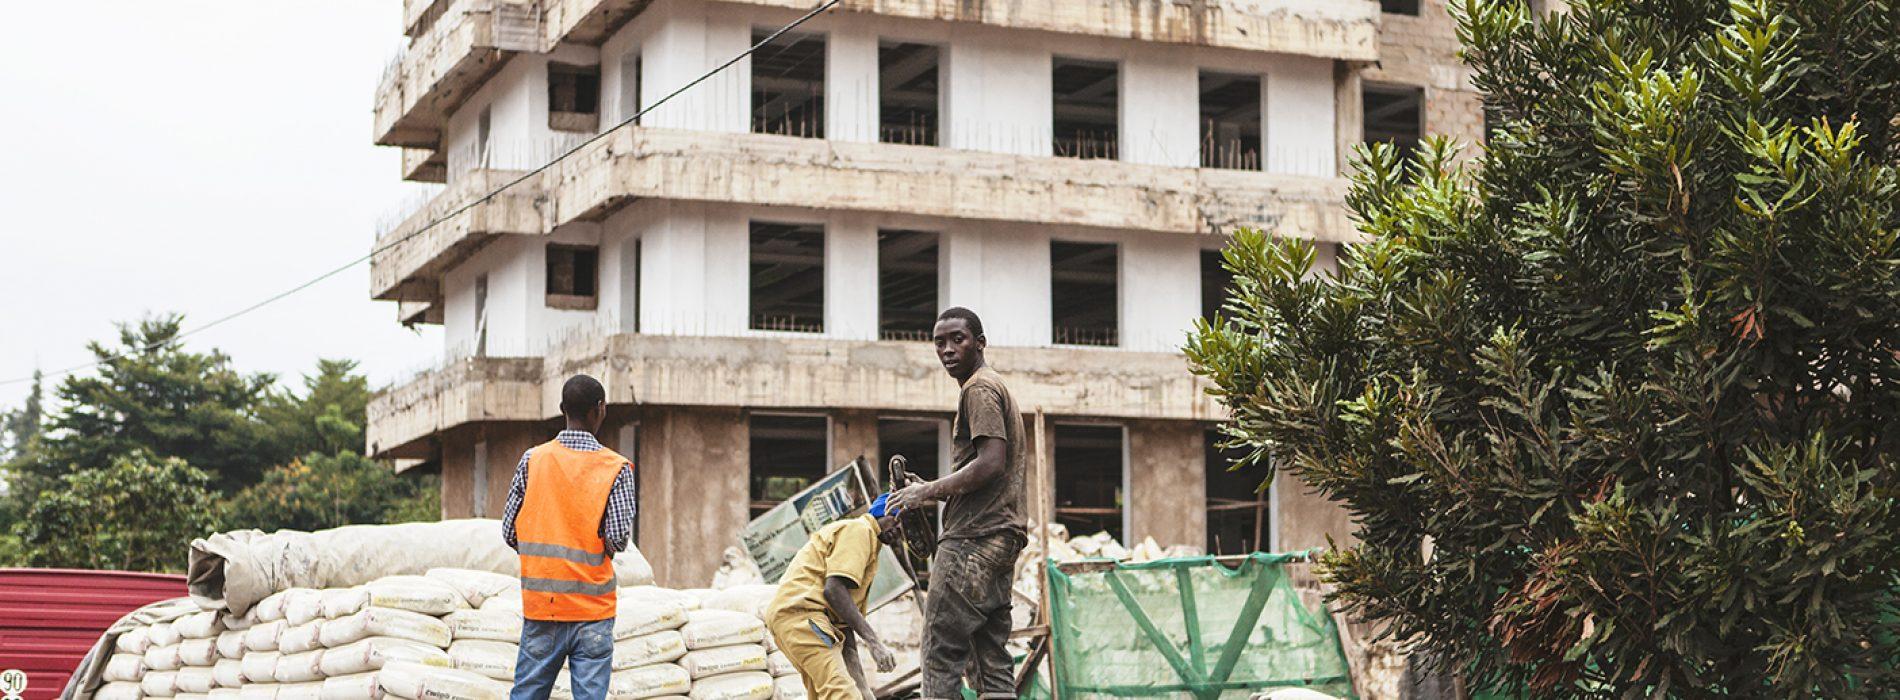 Ruanda, un modello di sviluppo?